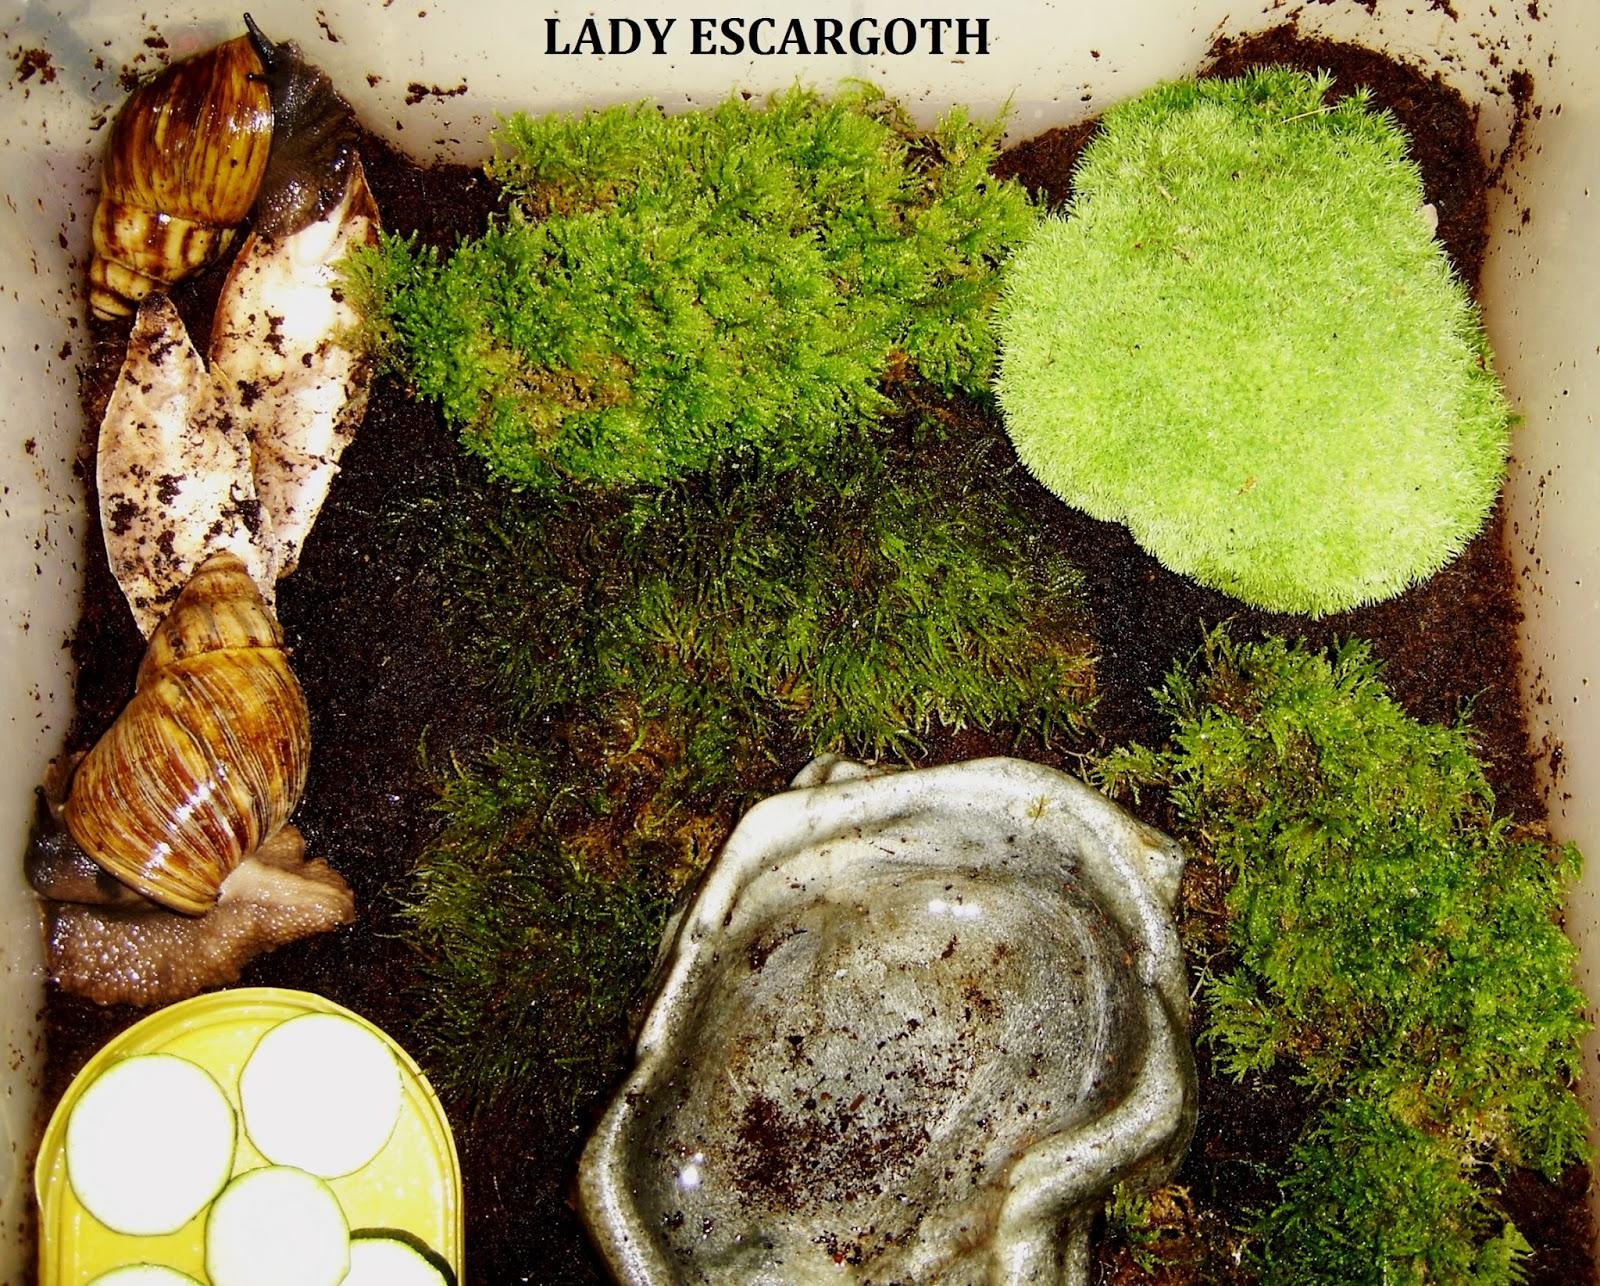 Les escargots g ants de lady escargoth de la mousse naturelle dans le terrarium des achatines - Mousse dans les urines ...